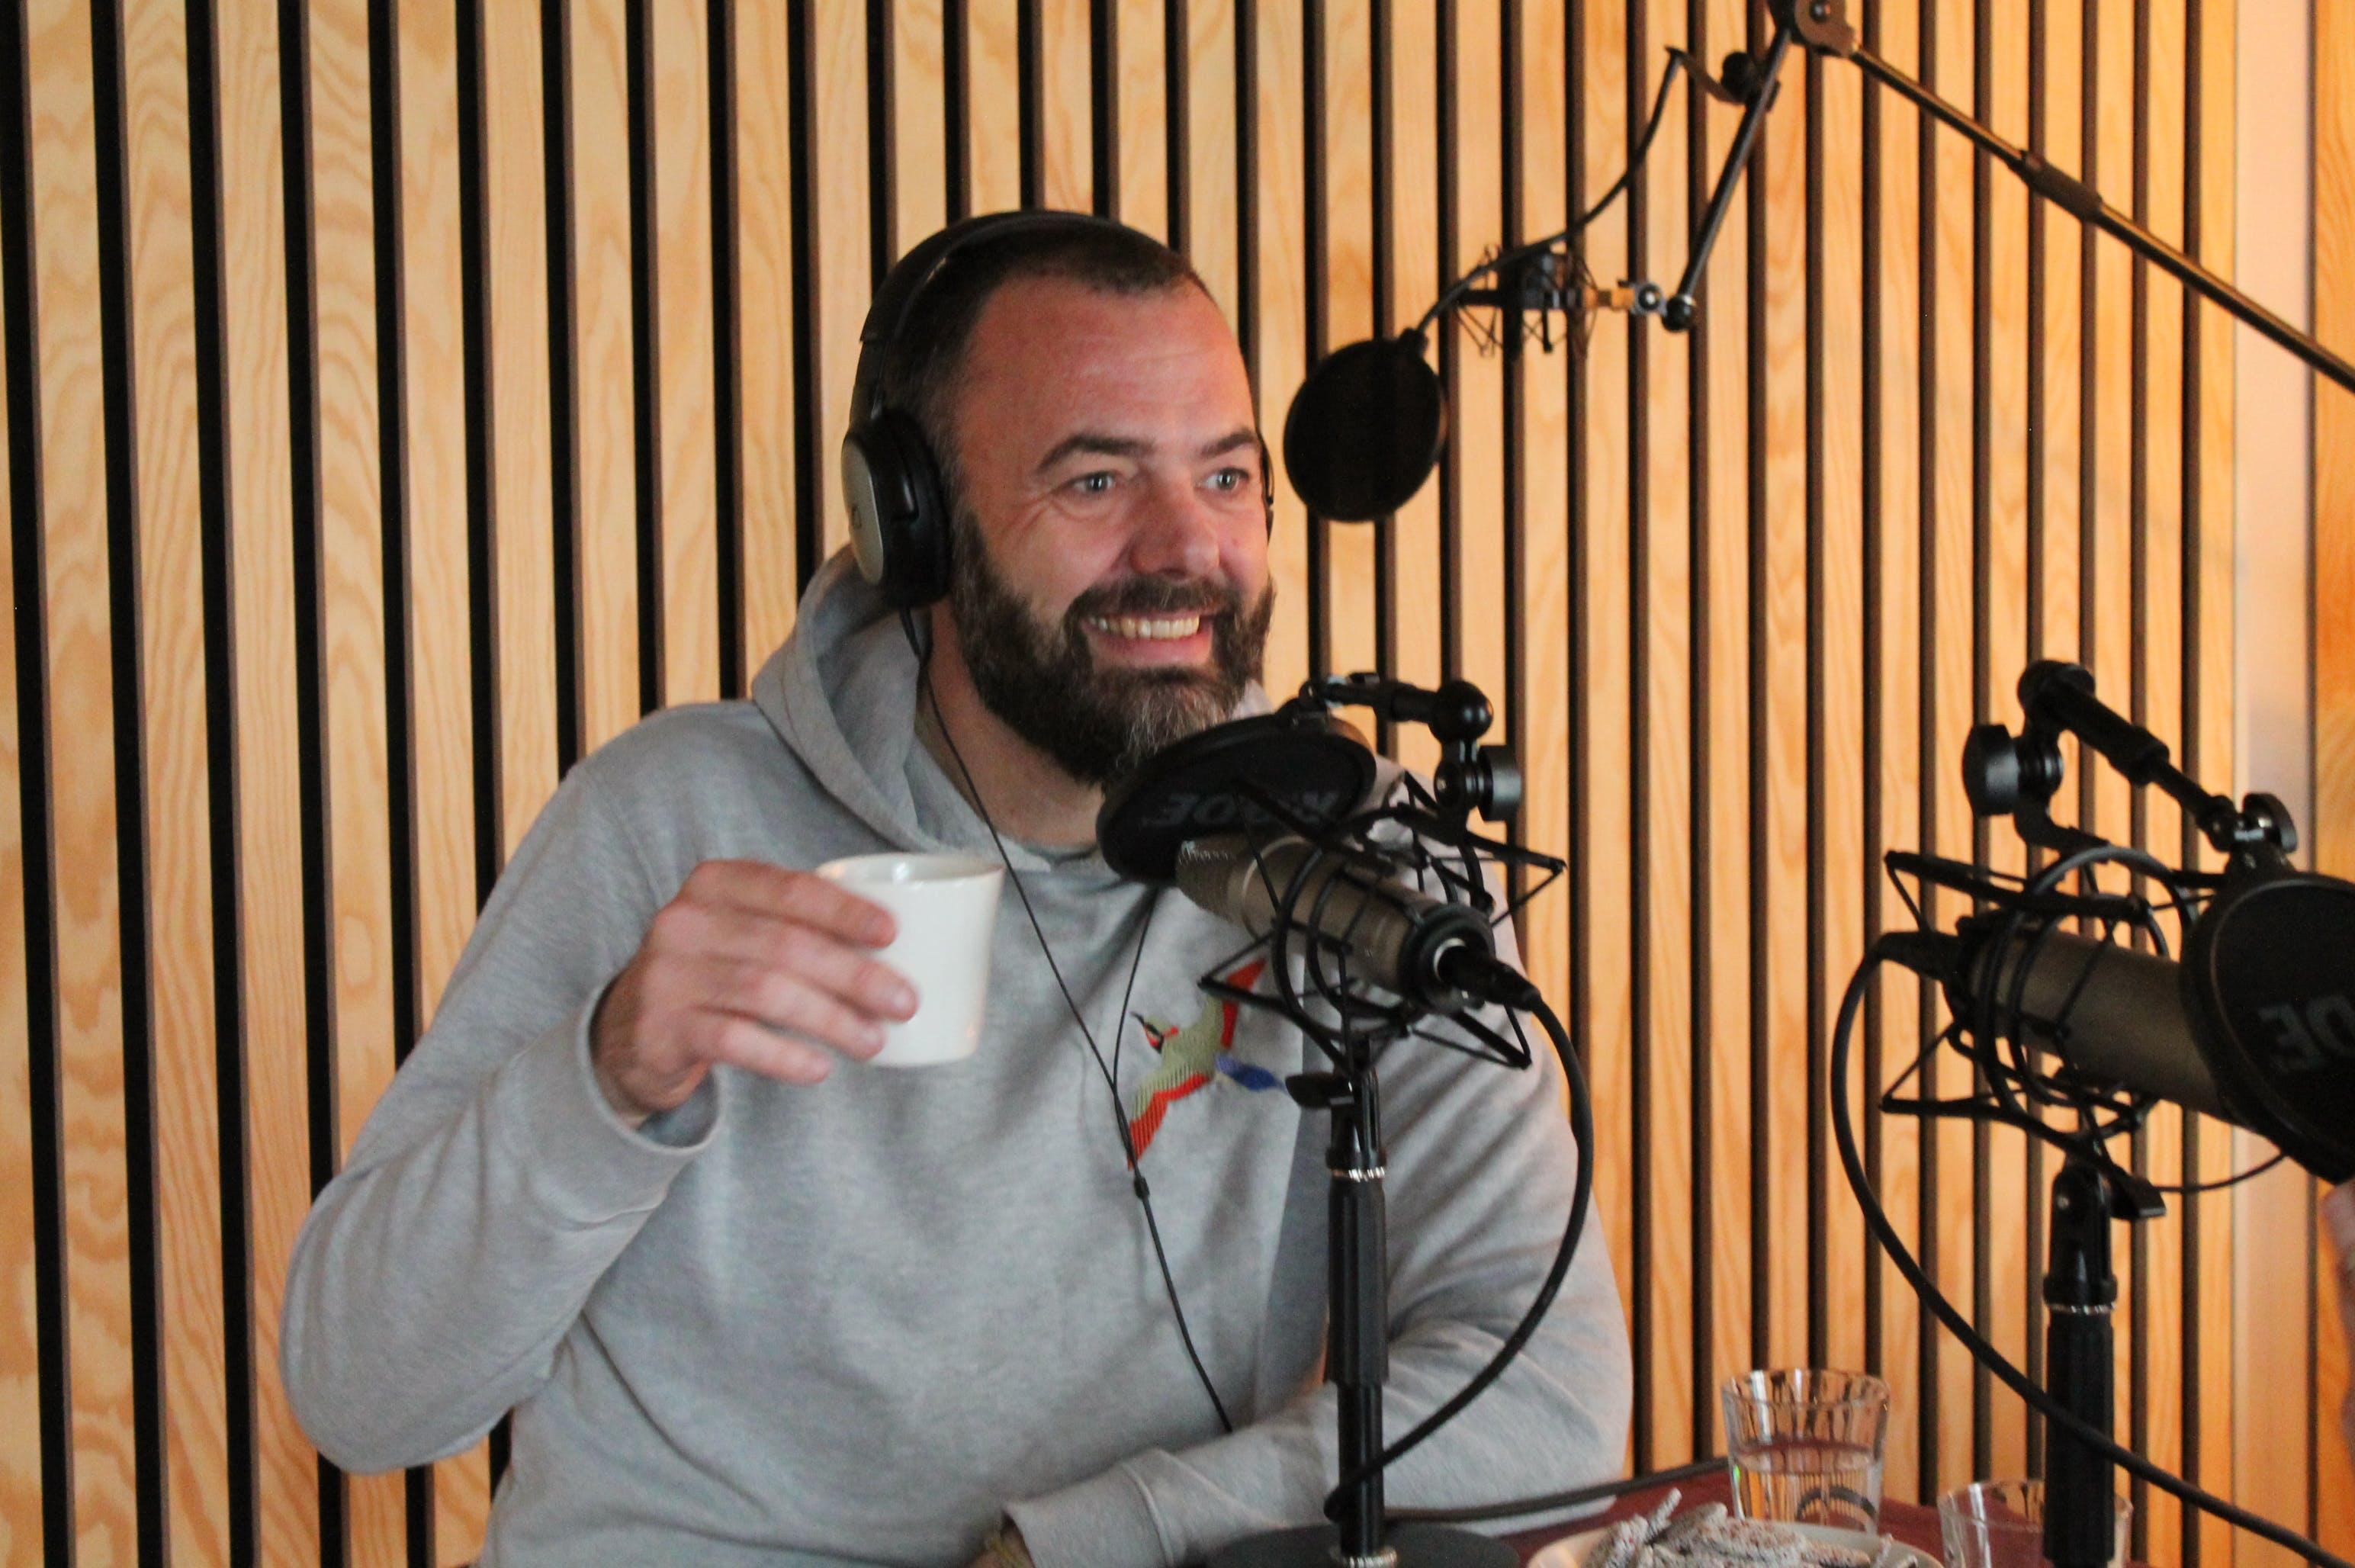 BO BEDRE jule podcast Bo Bech